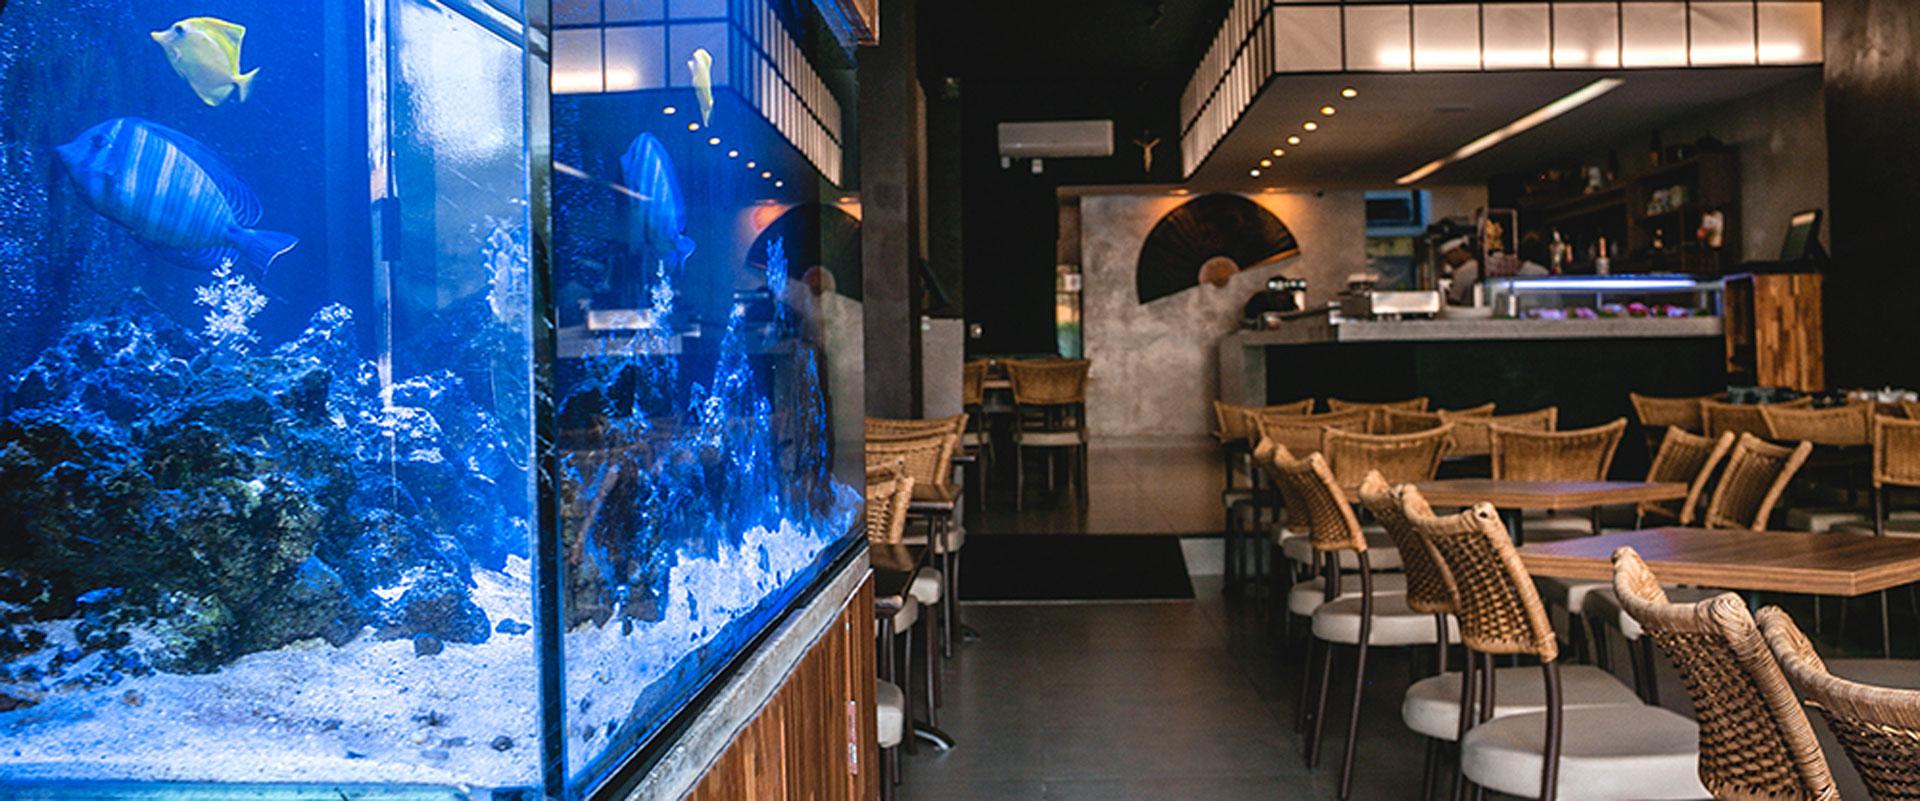 O Restaurante Shitake bh